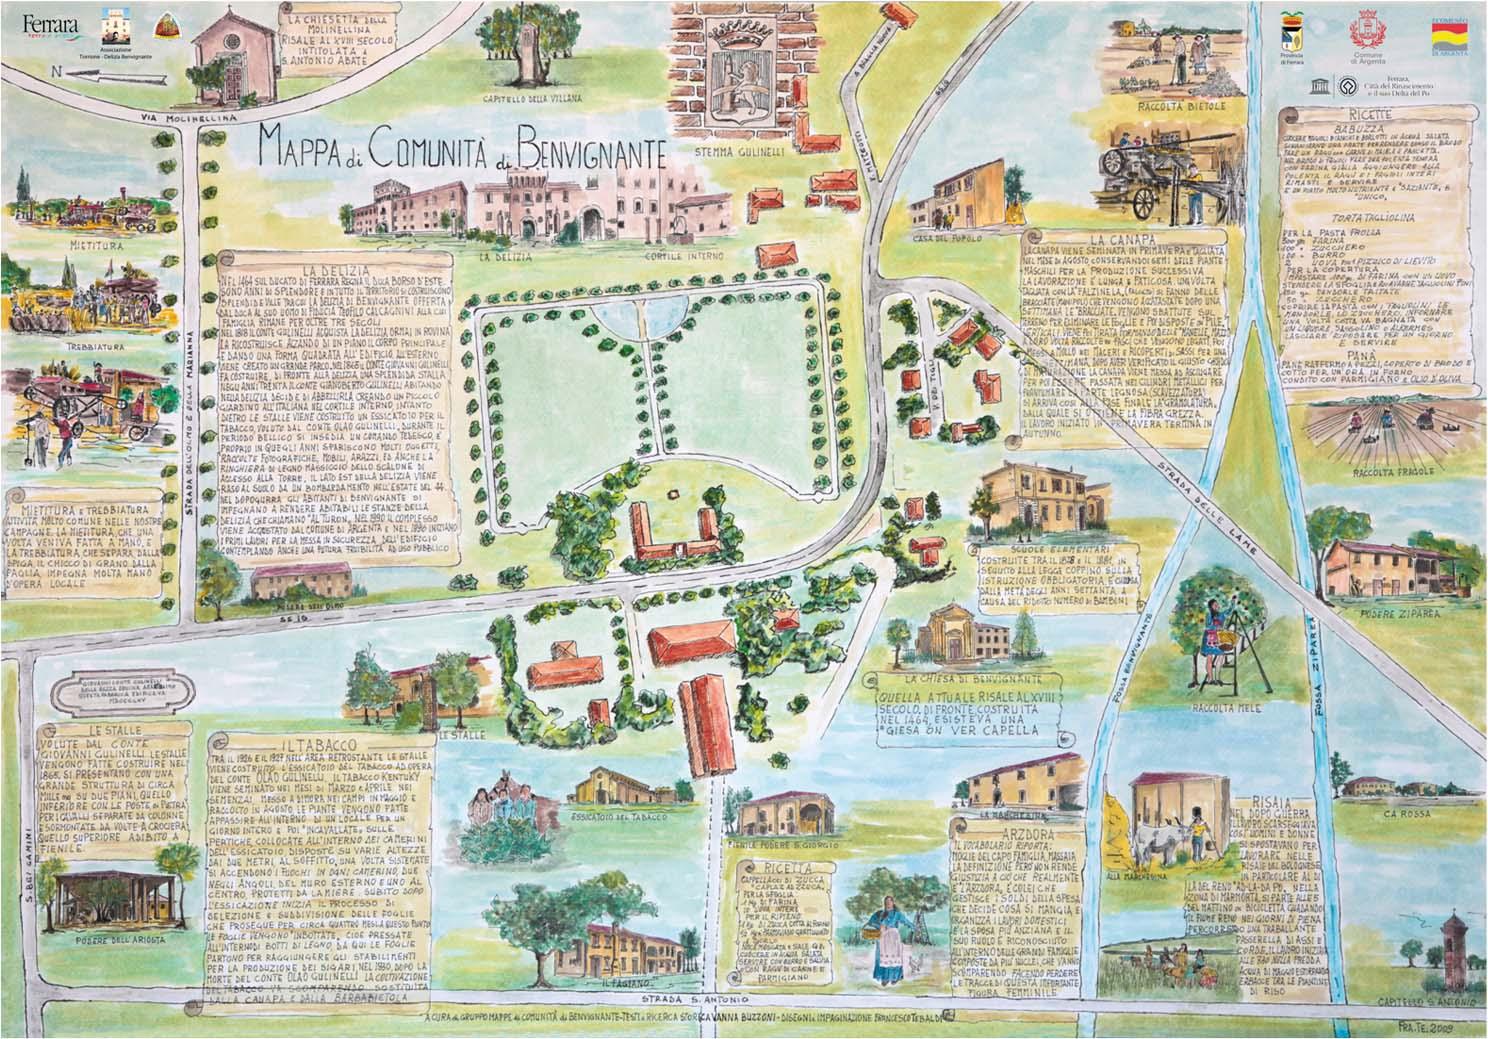 mappe di comunita - Benvignante